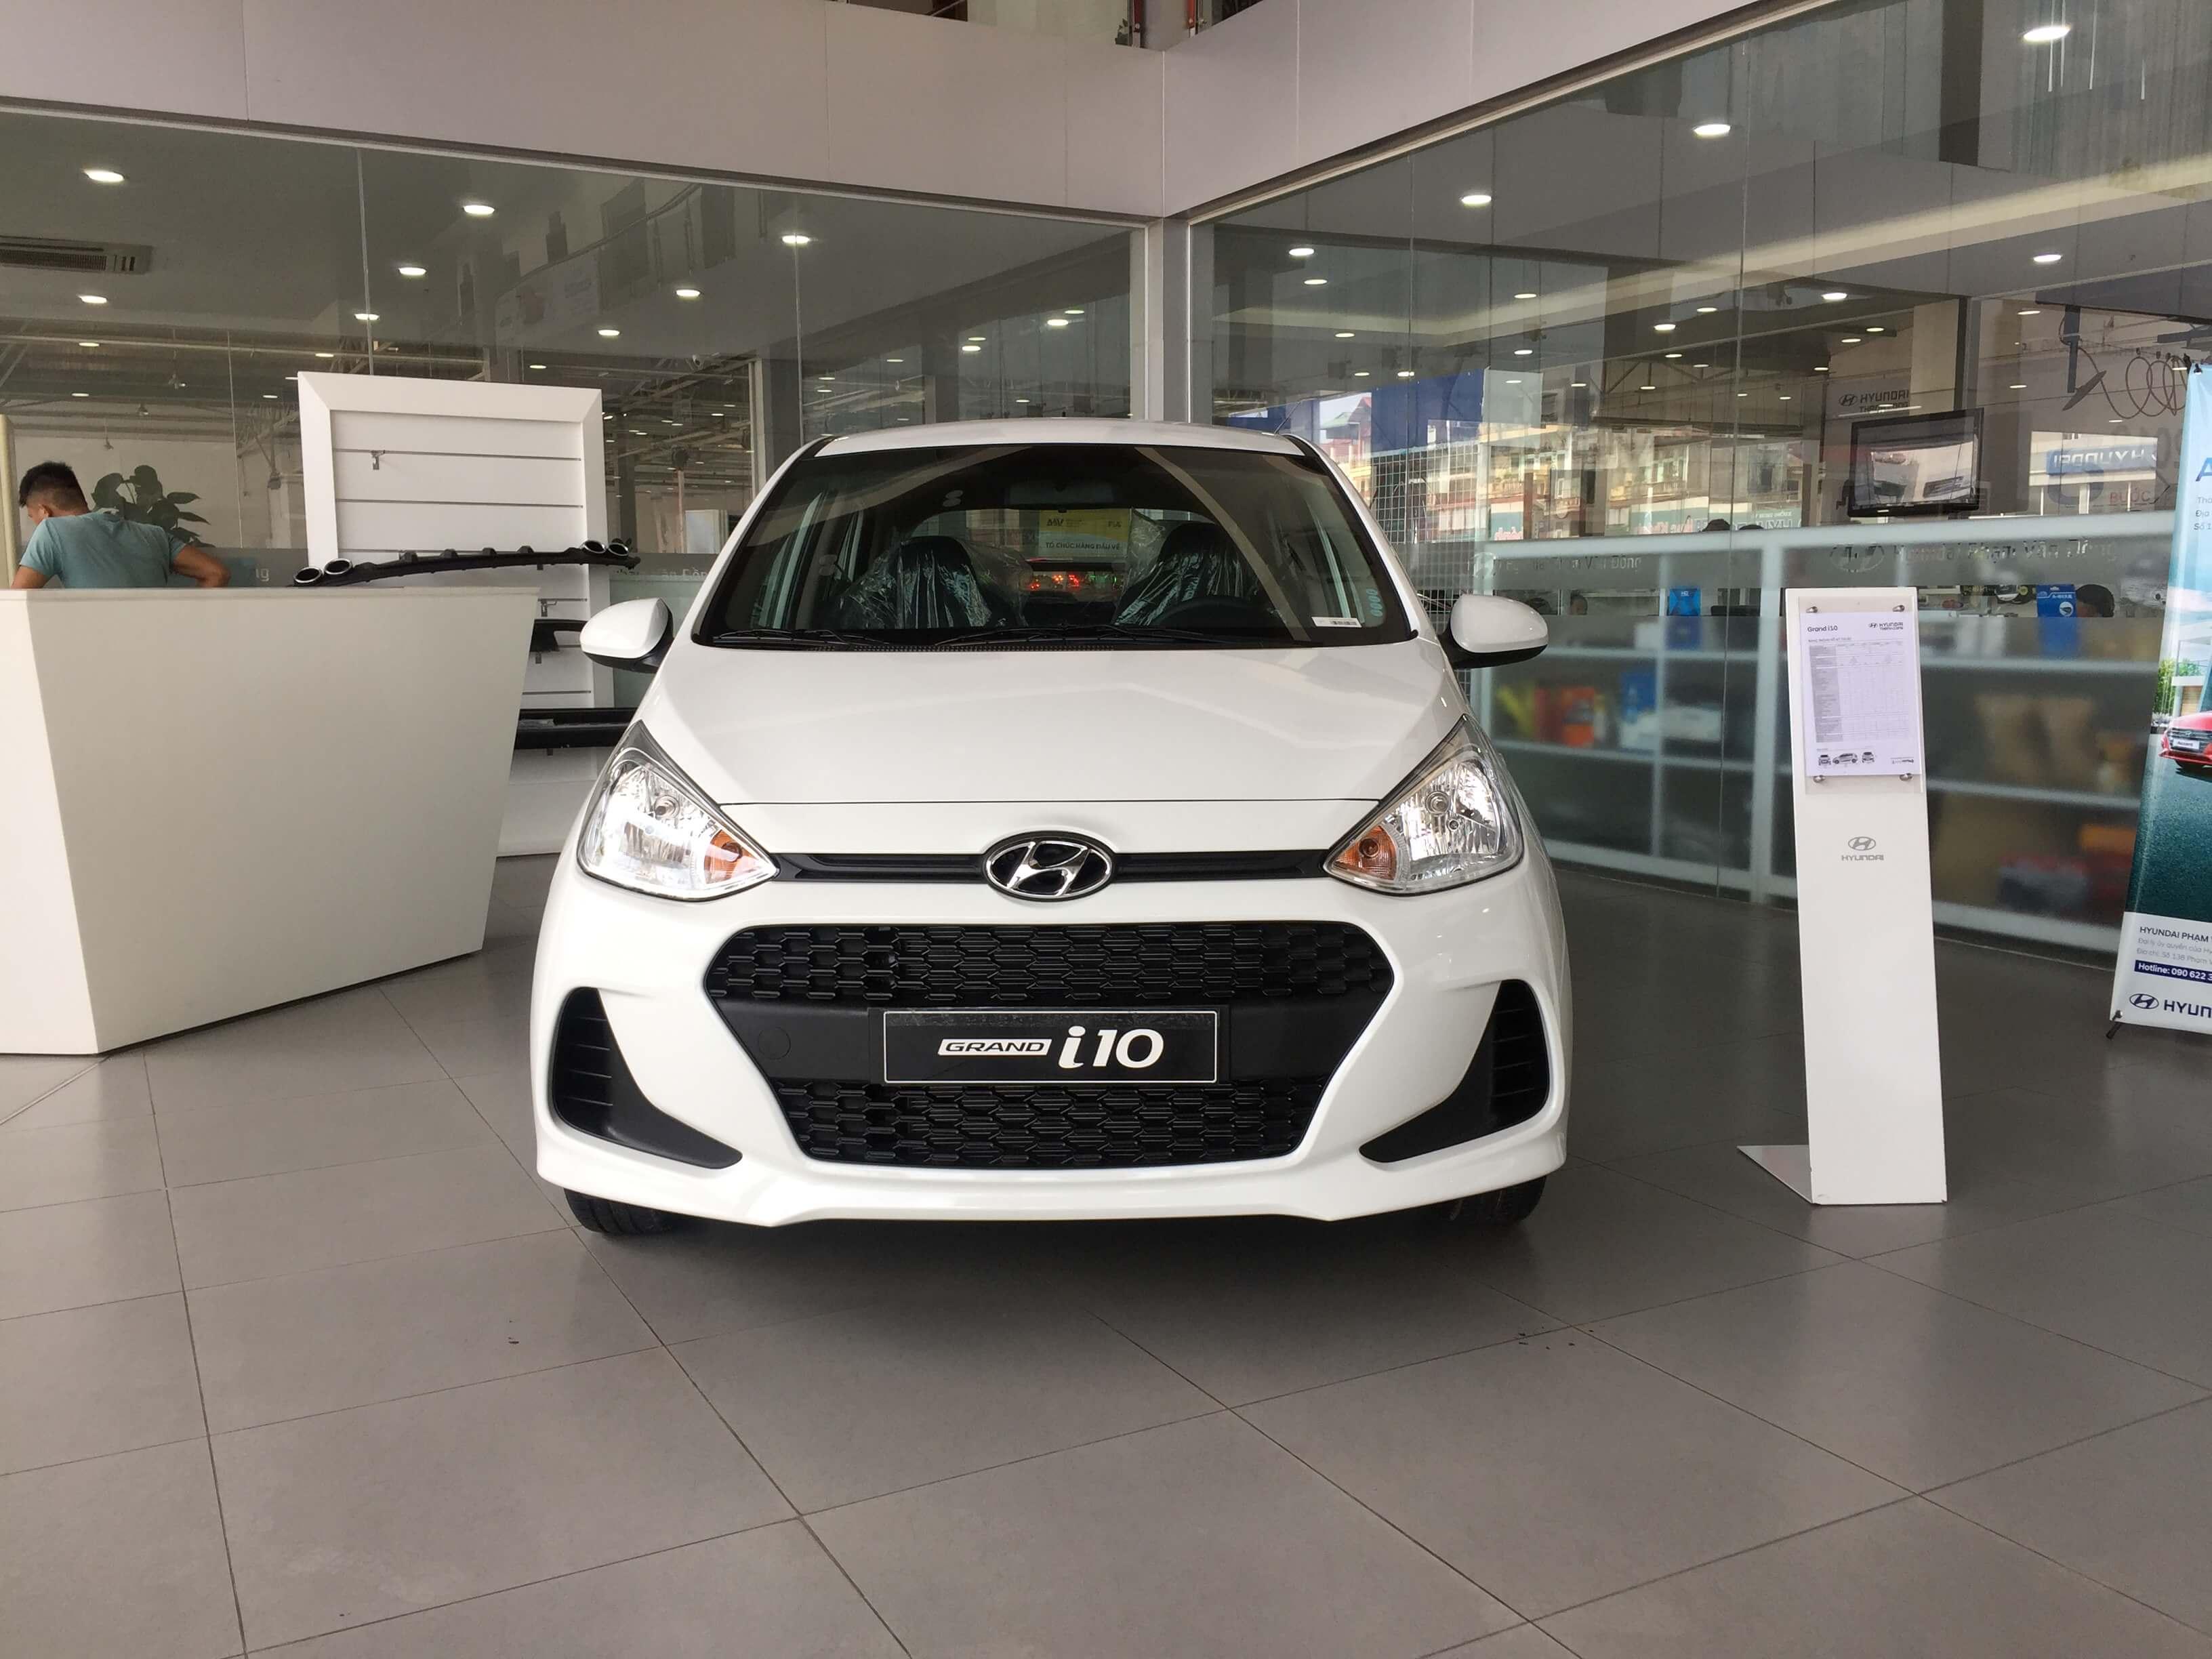 Báo giá xe Hyundai Grand i10 1.2 MT Base mới nhất 2019